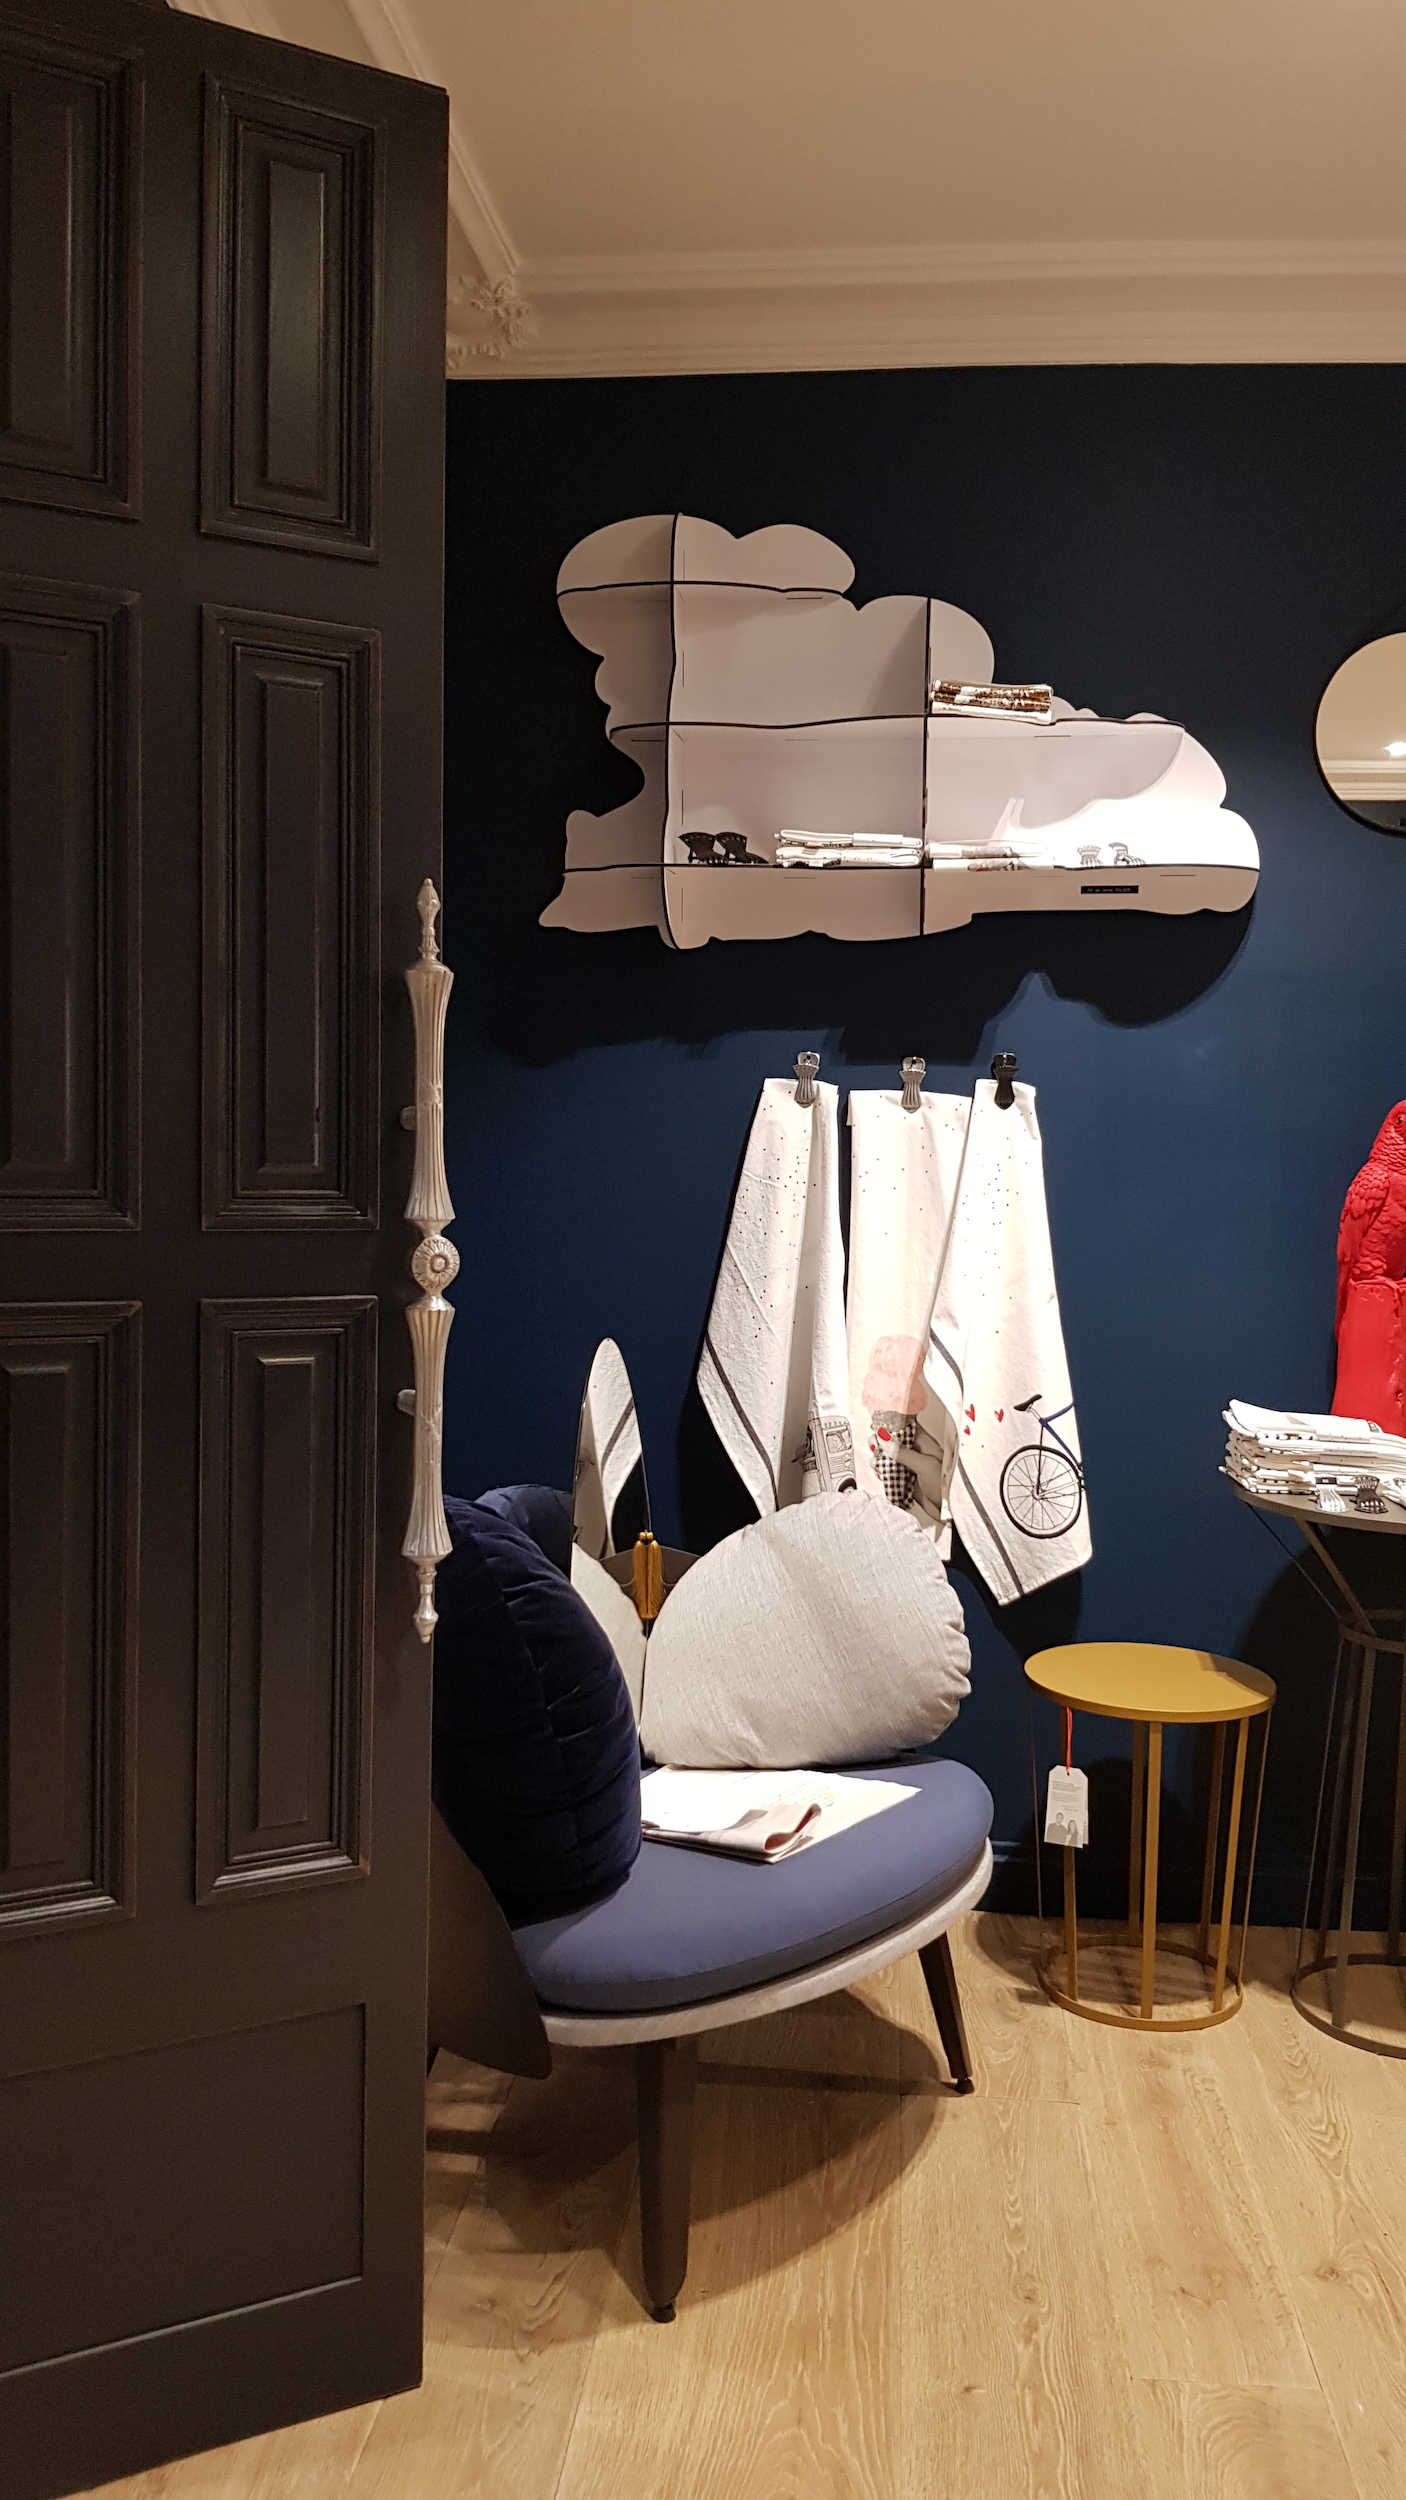 Renovation-boutique-lagny-decoration-77-large-3-original